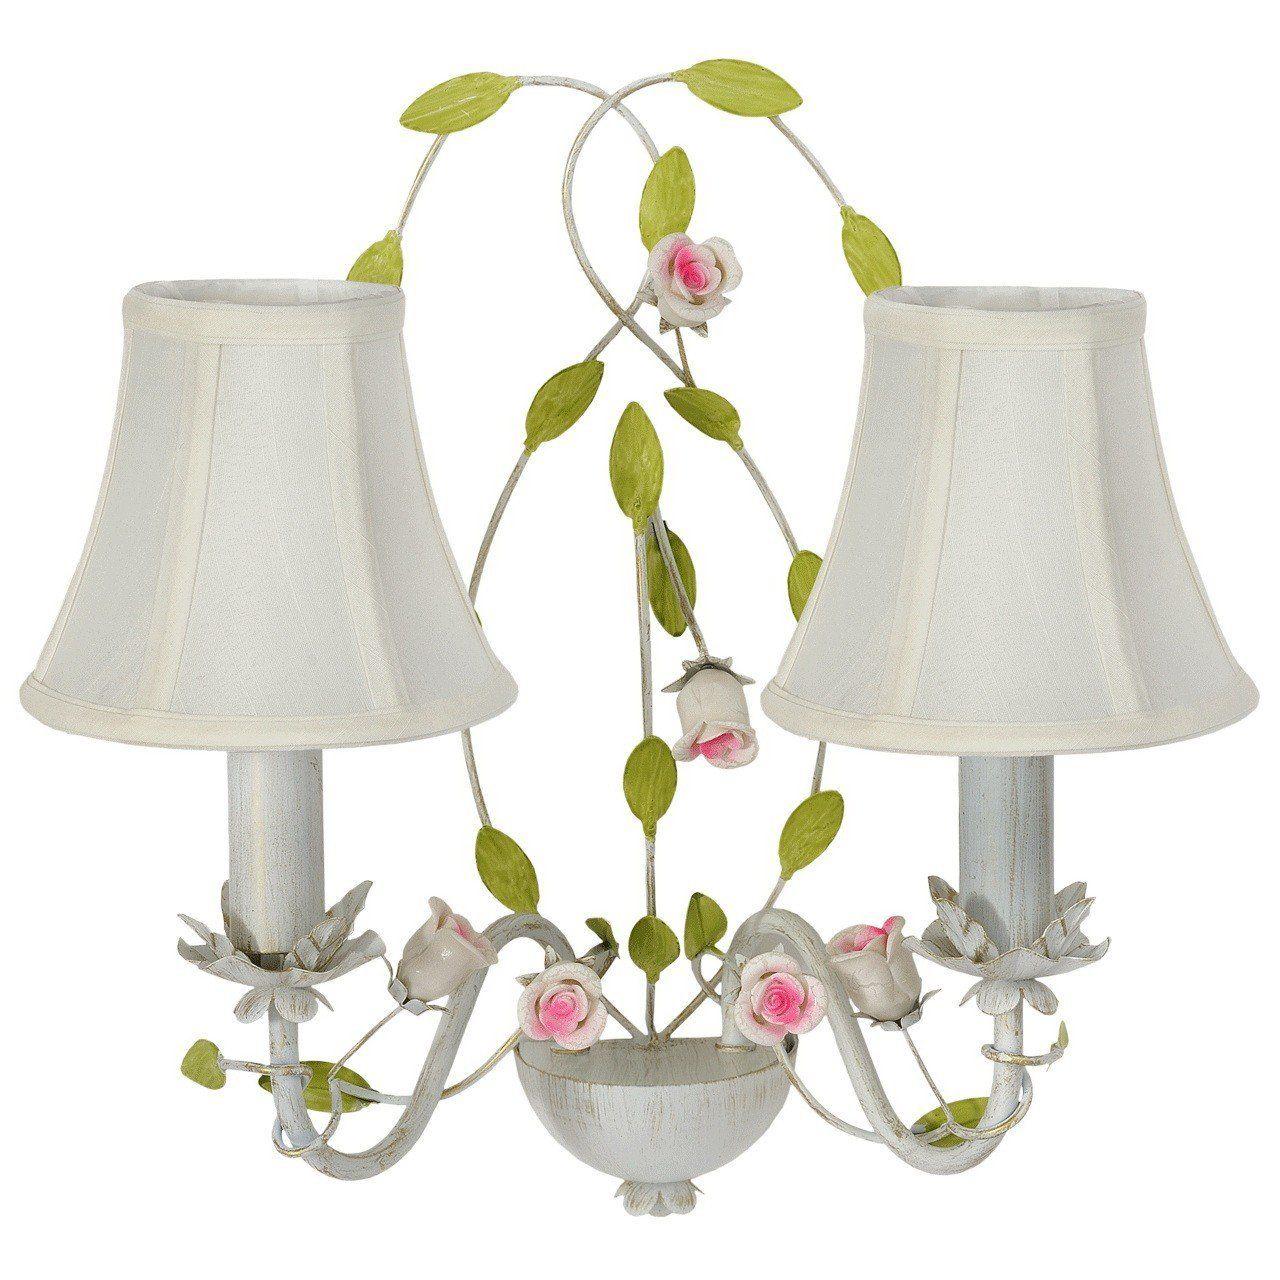 Applique elegante classico paralume bianco tessuto ceramica 2-bulb exl, E14 2x40W 230V: Amazon ...